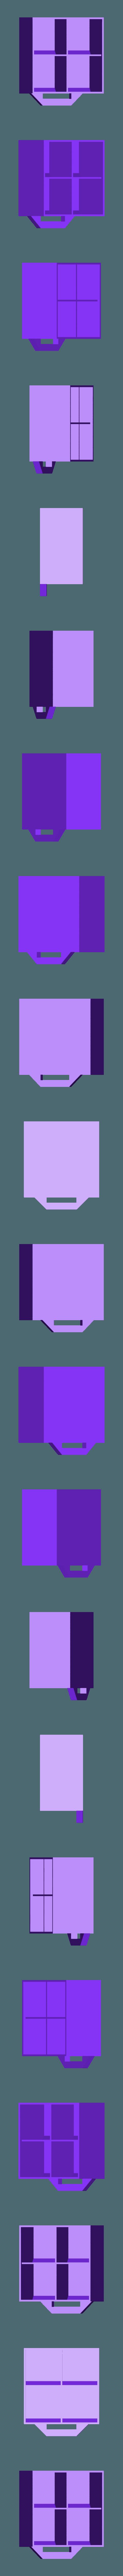 drawer_10x6_quad.stl Télécharger fichier STL gratuit Support de système de stockage multi-box • Modèle pour imprimante 3D, vmi